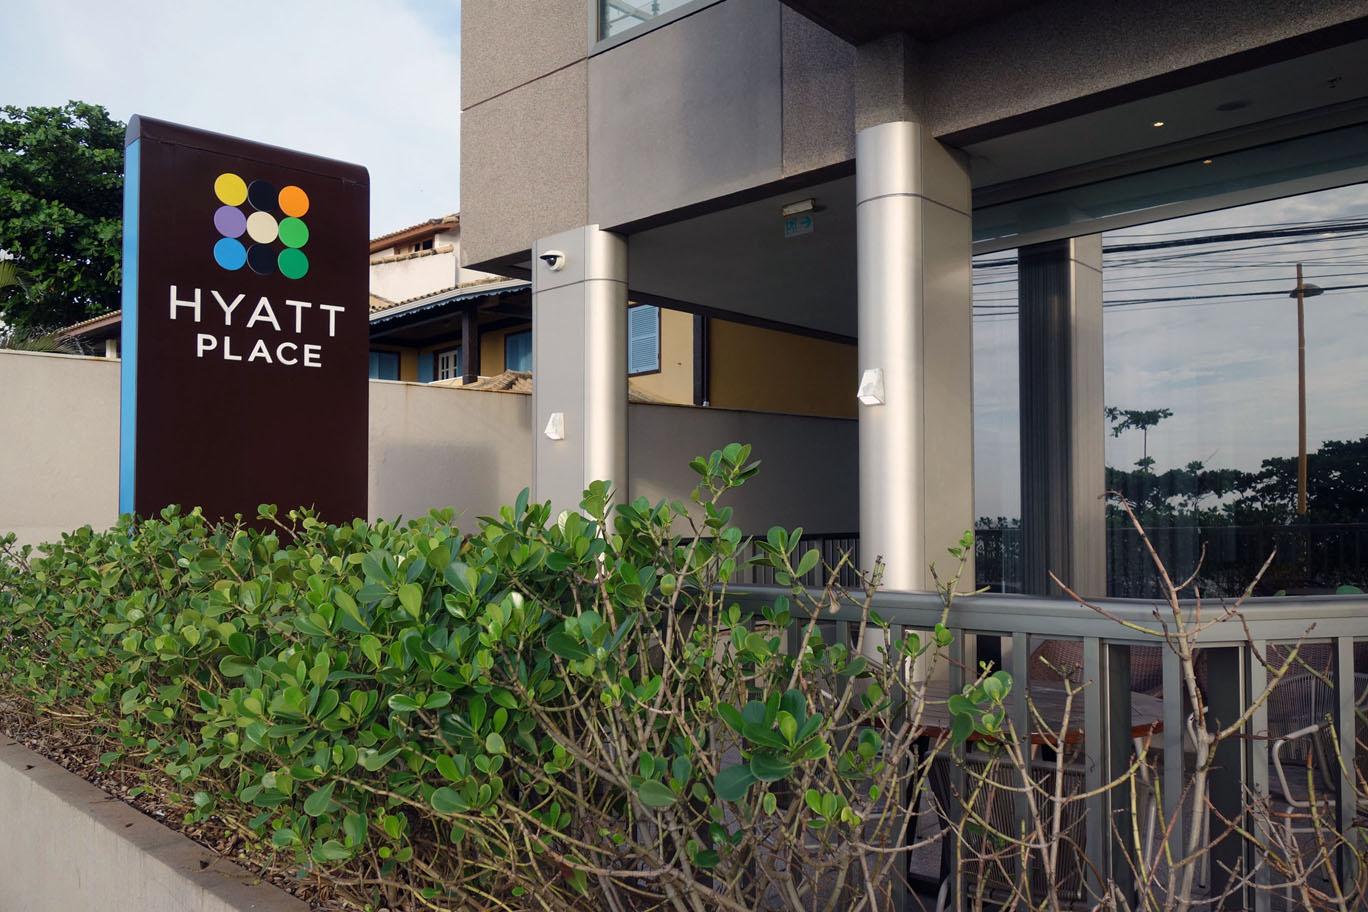 Анонс новой промоакции Hyatt: Bonus Journeys